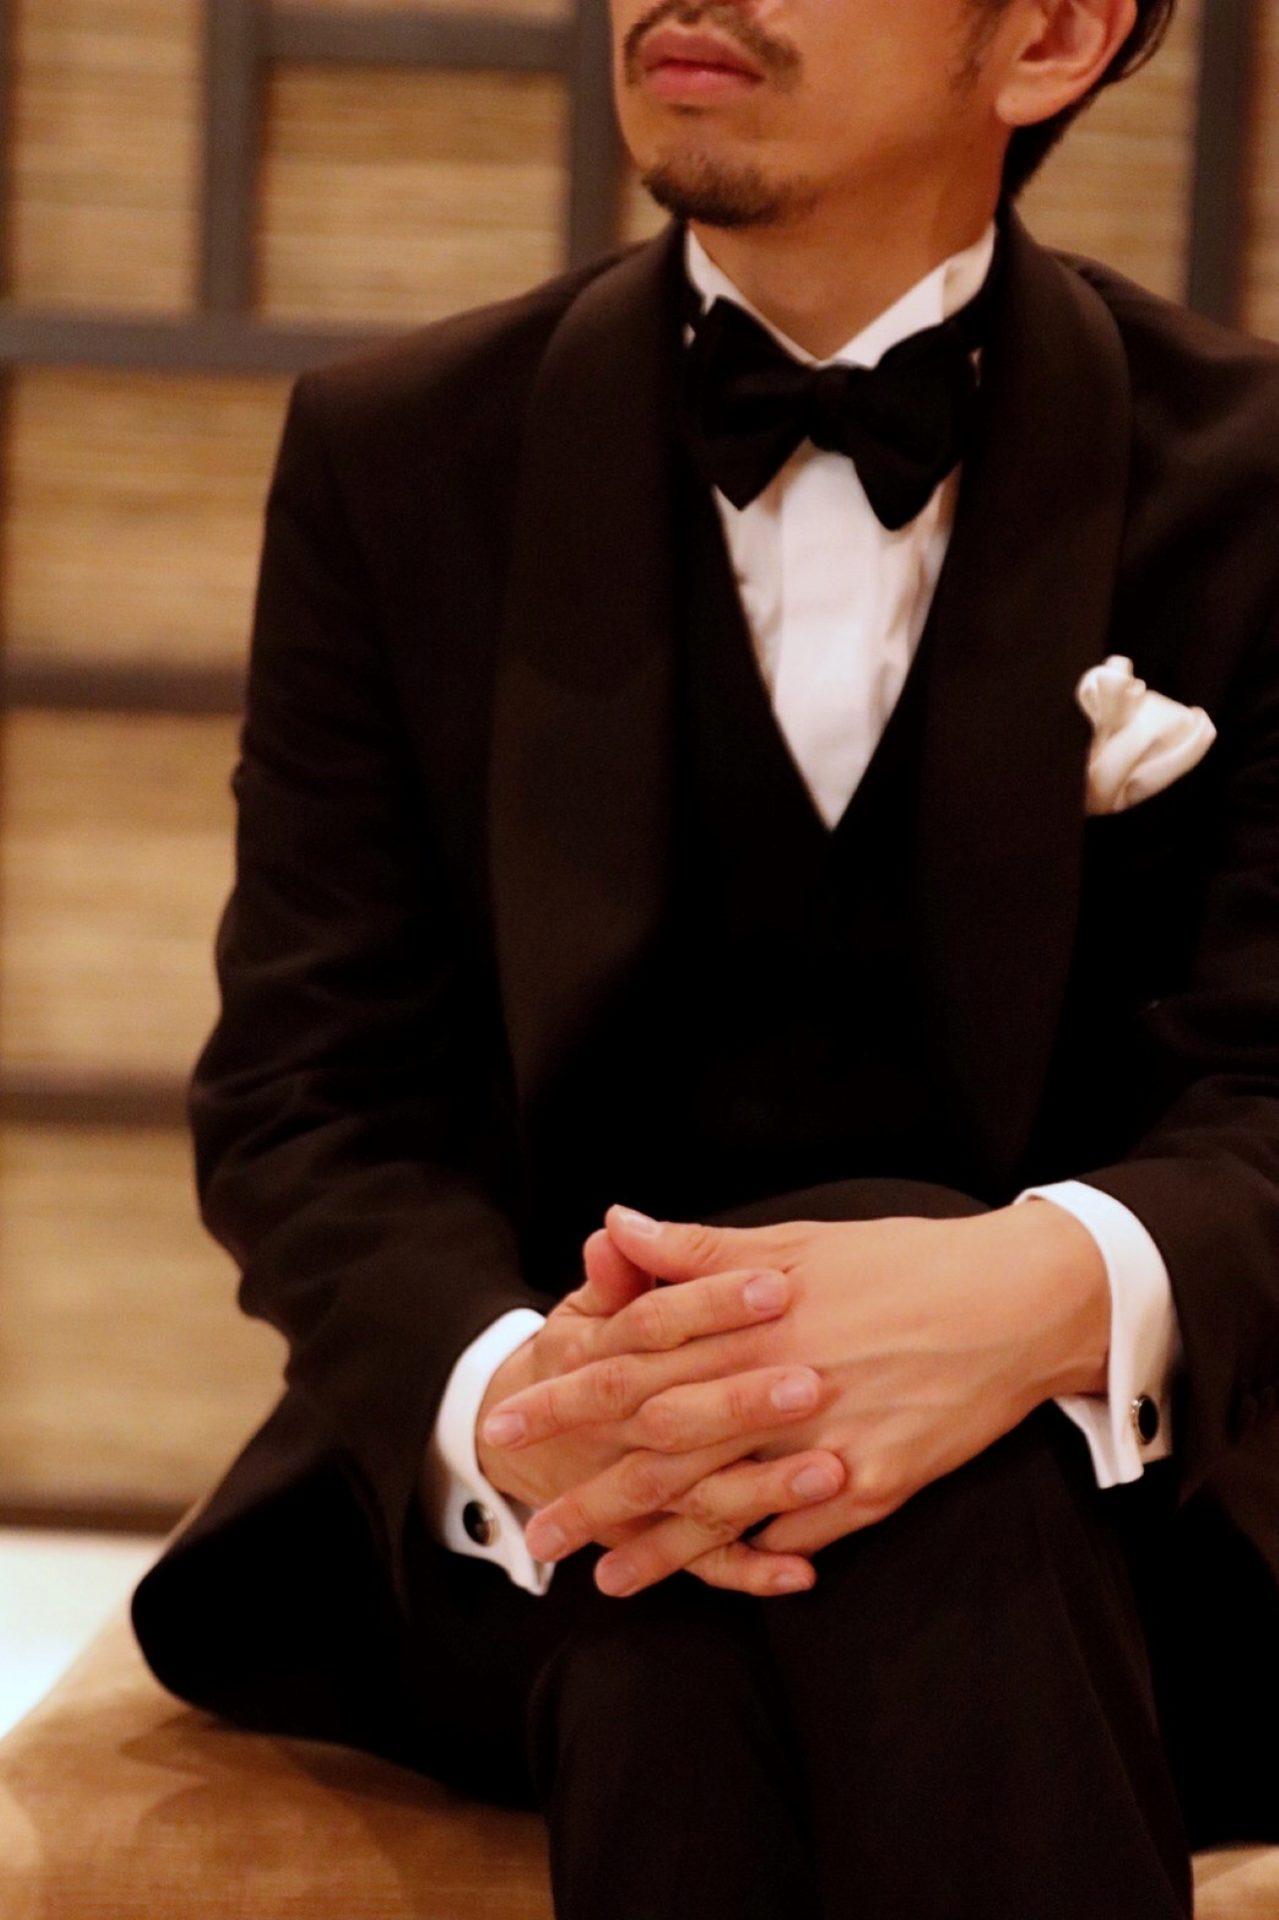 ご新郎様がお召しになるブラックのオーダータキシードを神戸のTHE TREAT DRESSING(ザ・トリートドレッシング)KOBE店にてお取り扱いしております。